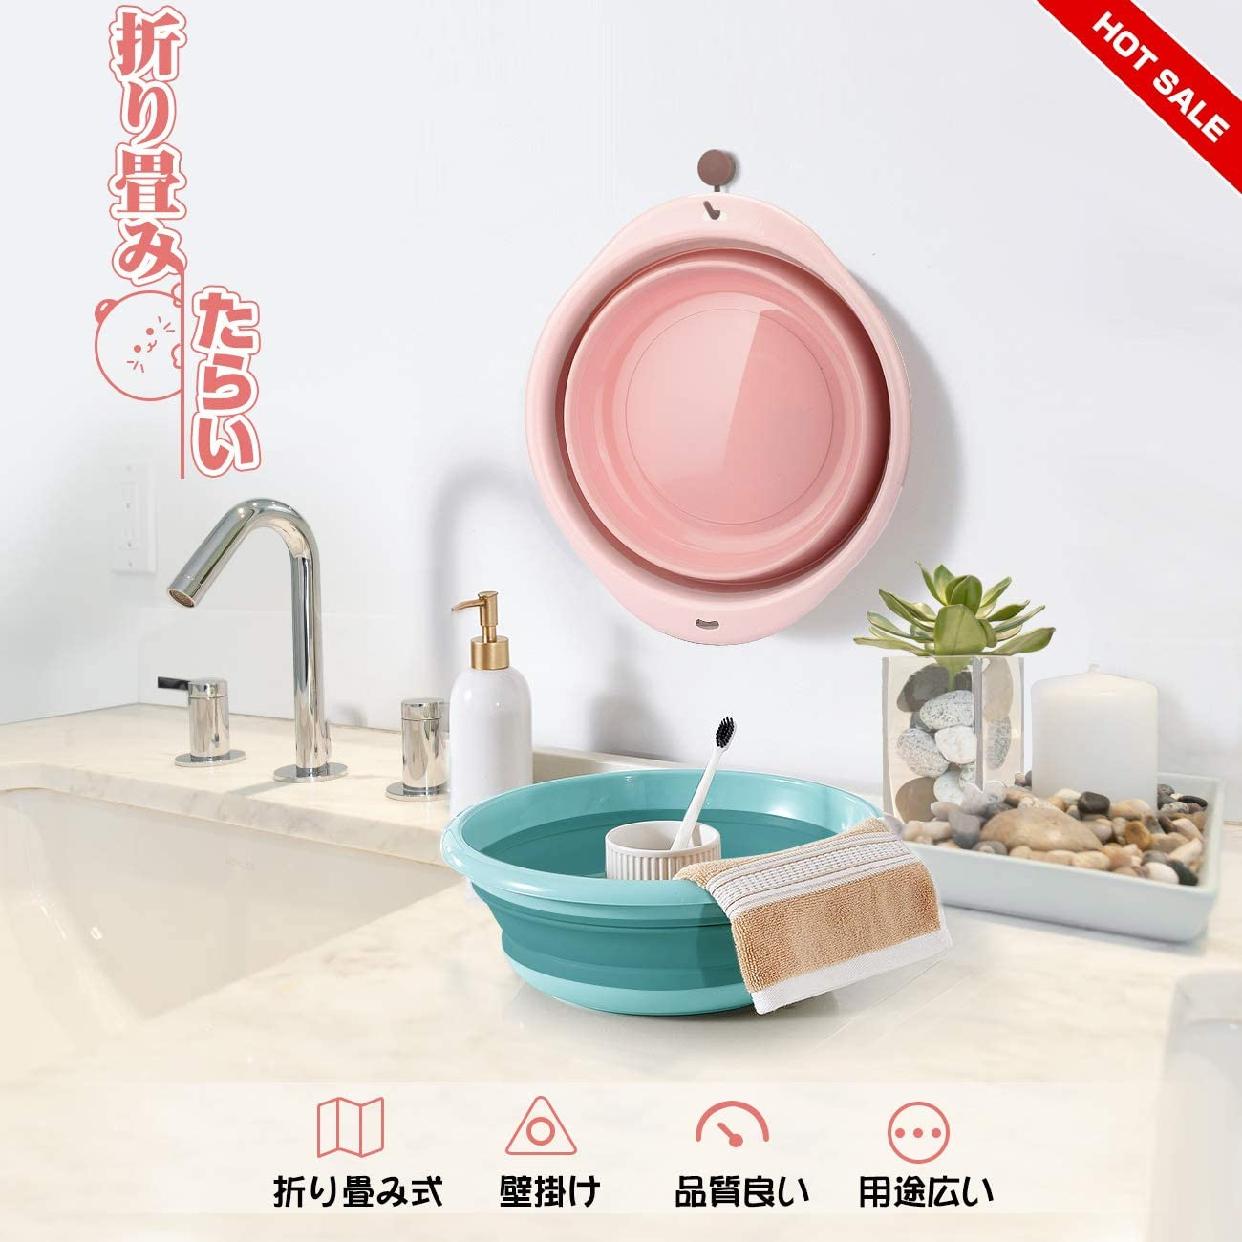 MM&UU(エムエムアンドユーユー) 洗い桶 折り畳み 2点セット ピンクとブルーの商品画像3